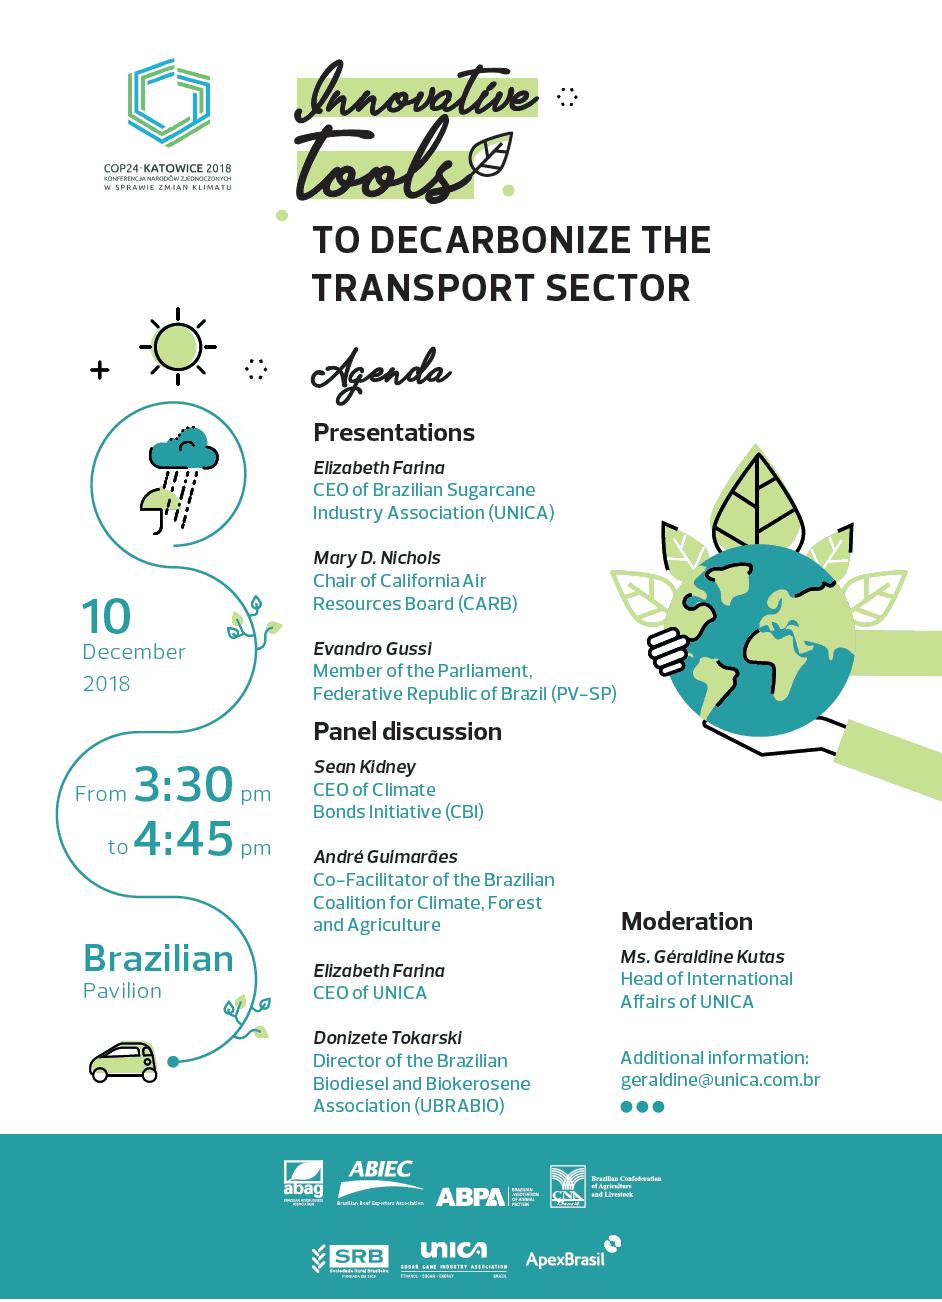 Ferramentas inovadoras para descarbonizar o setor de transporte @ COP24